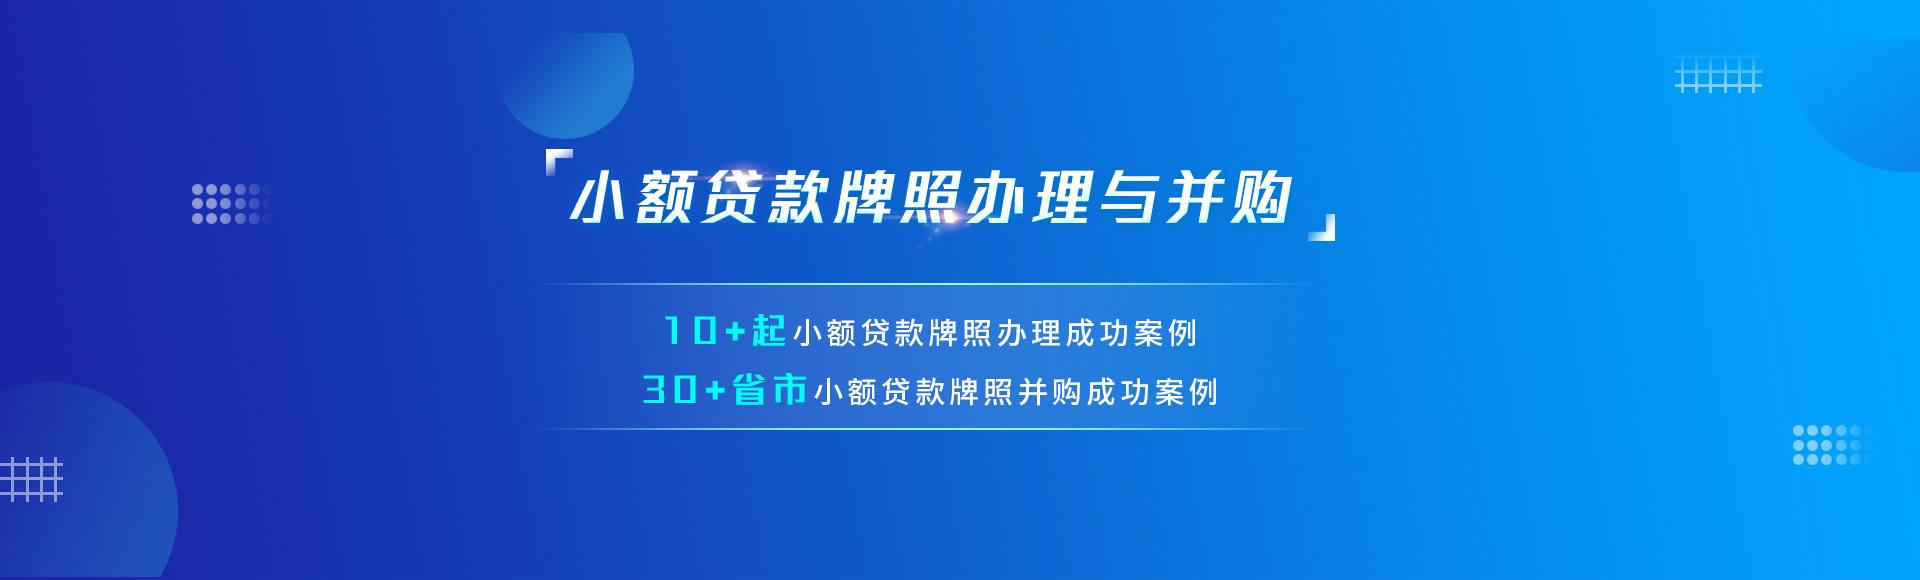 融资租赁公司福彩3d字谜乐彩,融资租赁公司申请,融资租赁公司注册